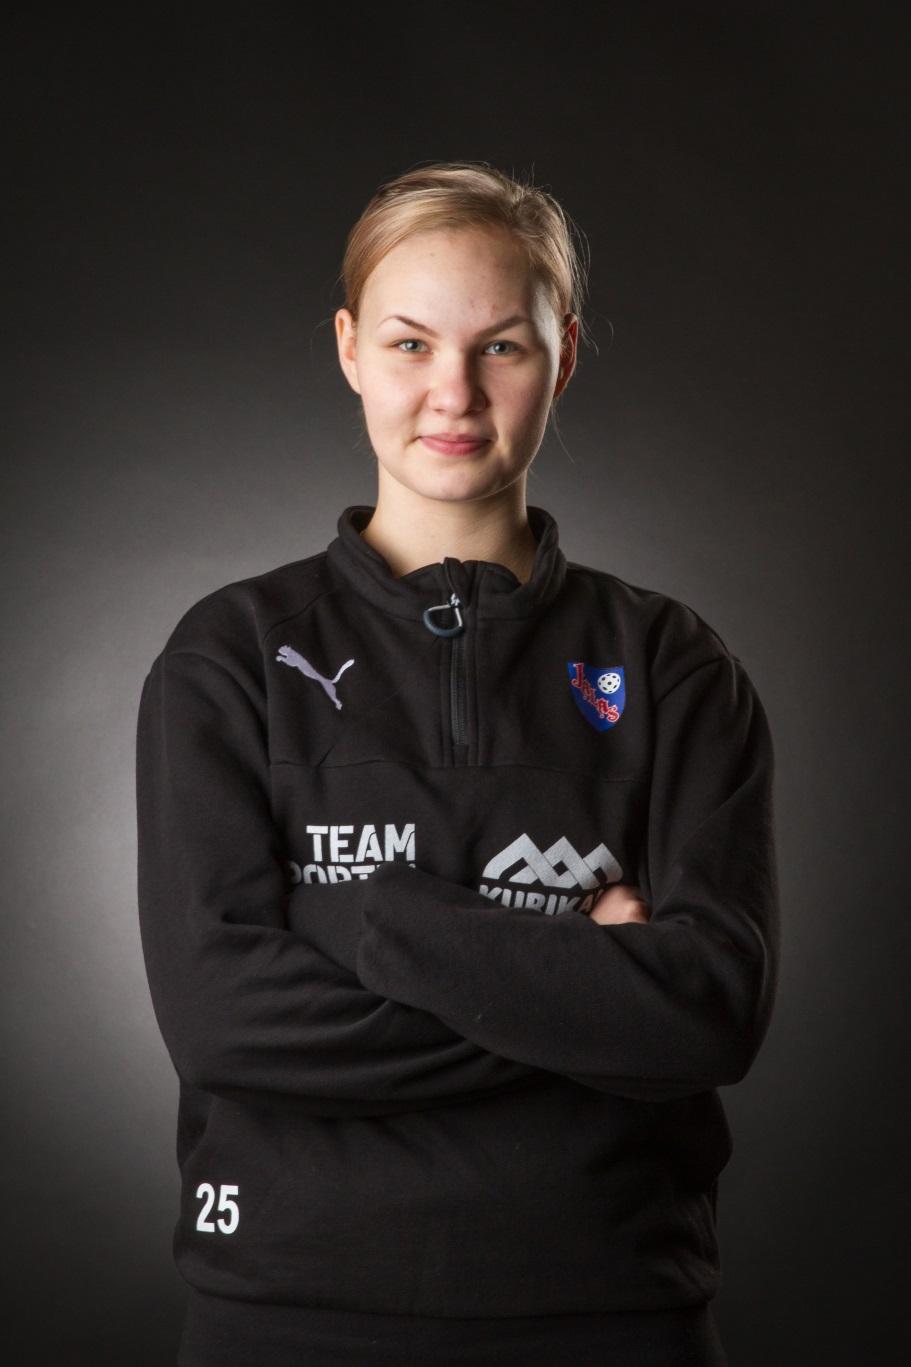 Jenna Vuorinen